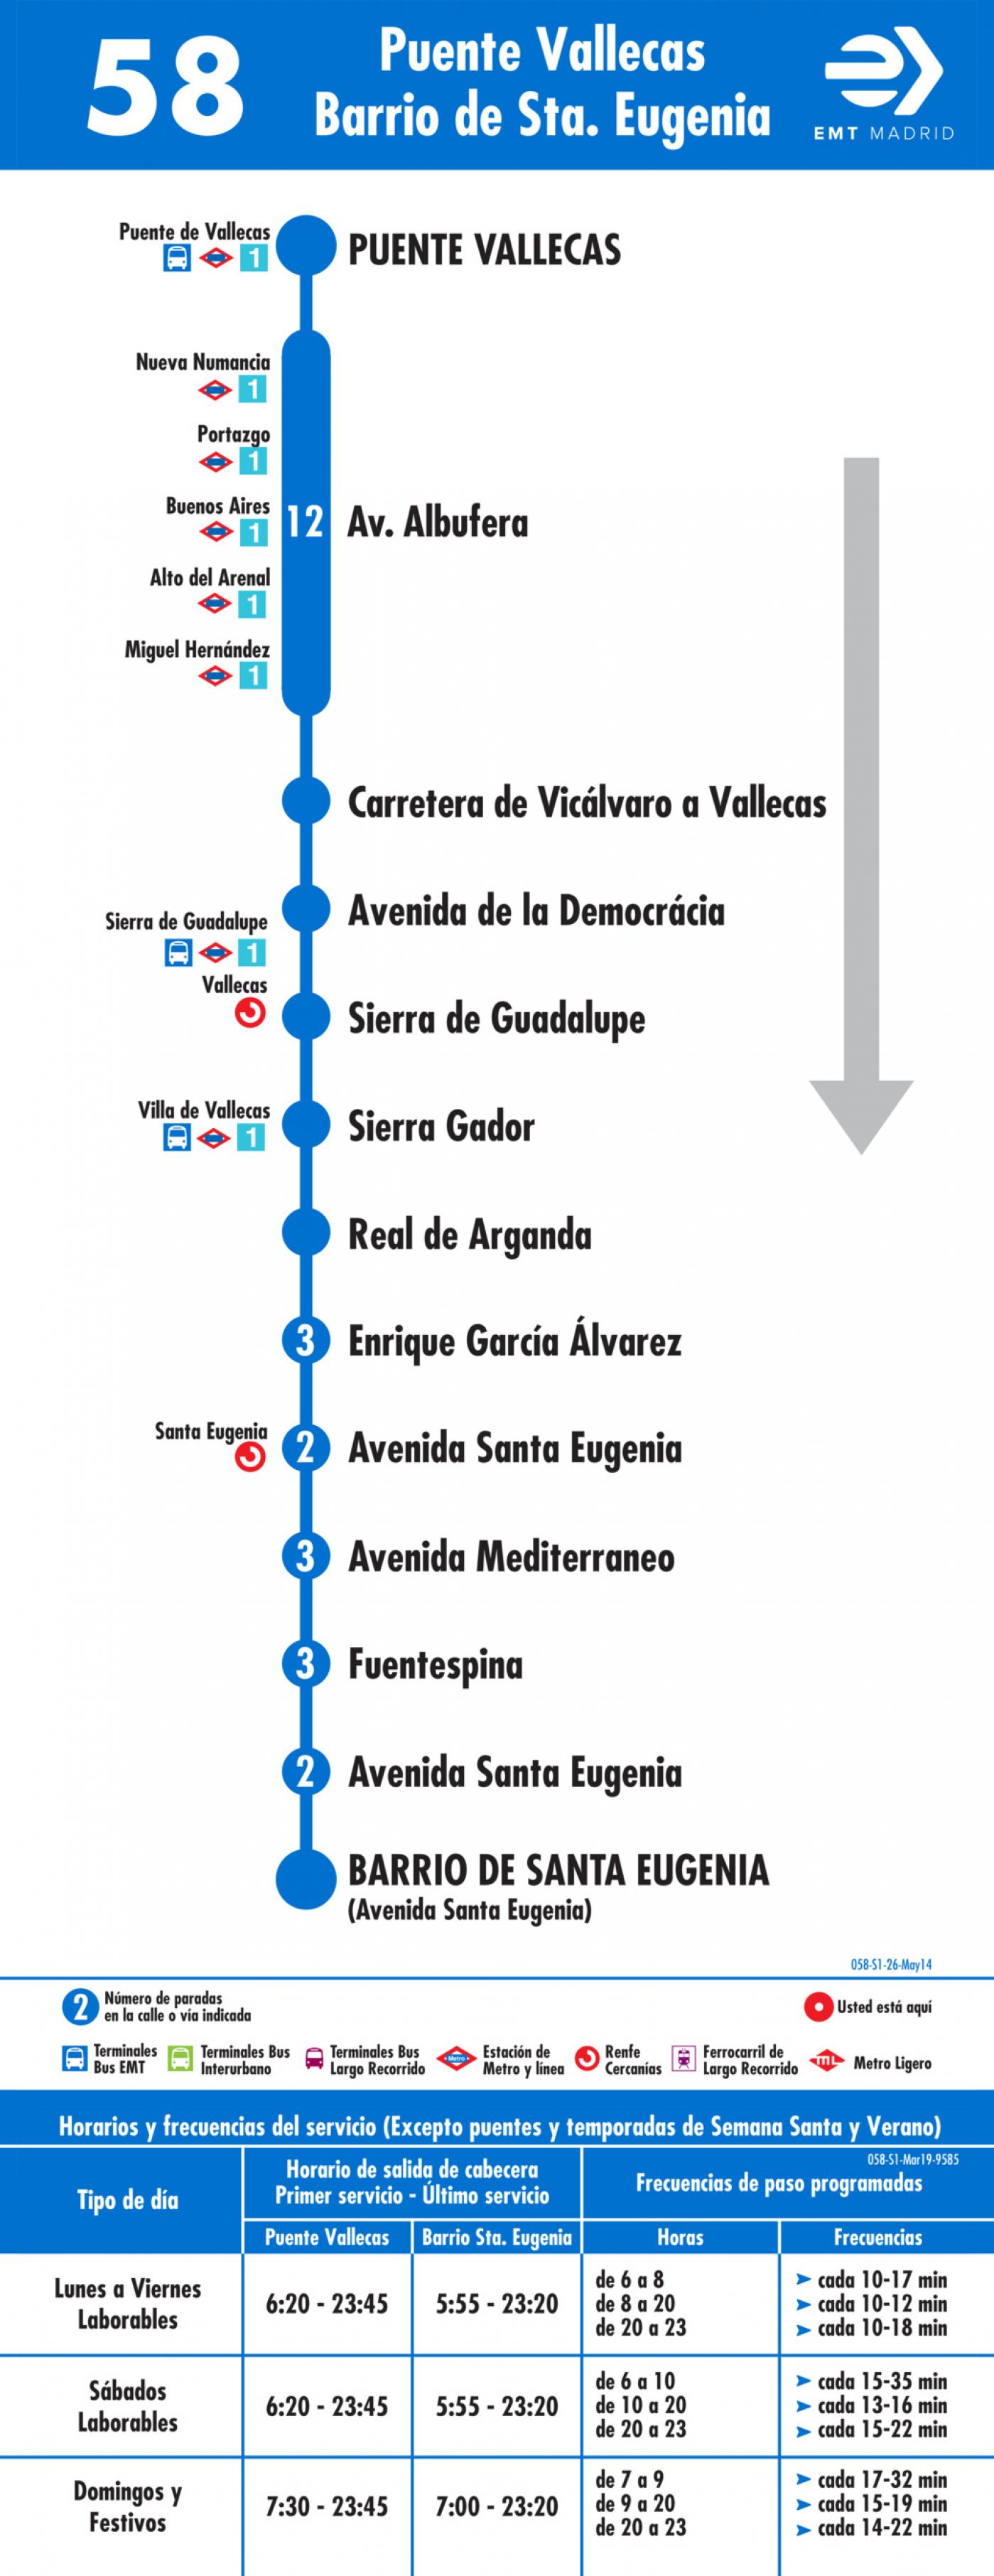 Tabla de horarios y frecuencias de paso en sentido ida Línea 58: Puente de Vallecas - Barrio de Santa Eugenia